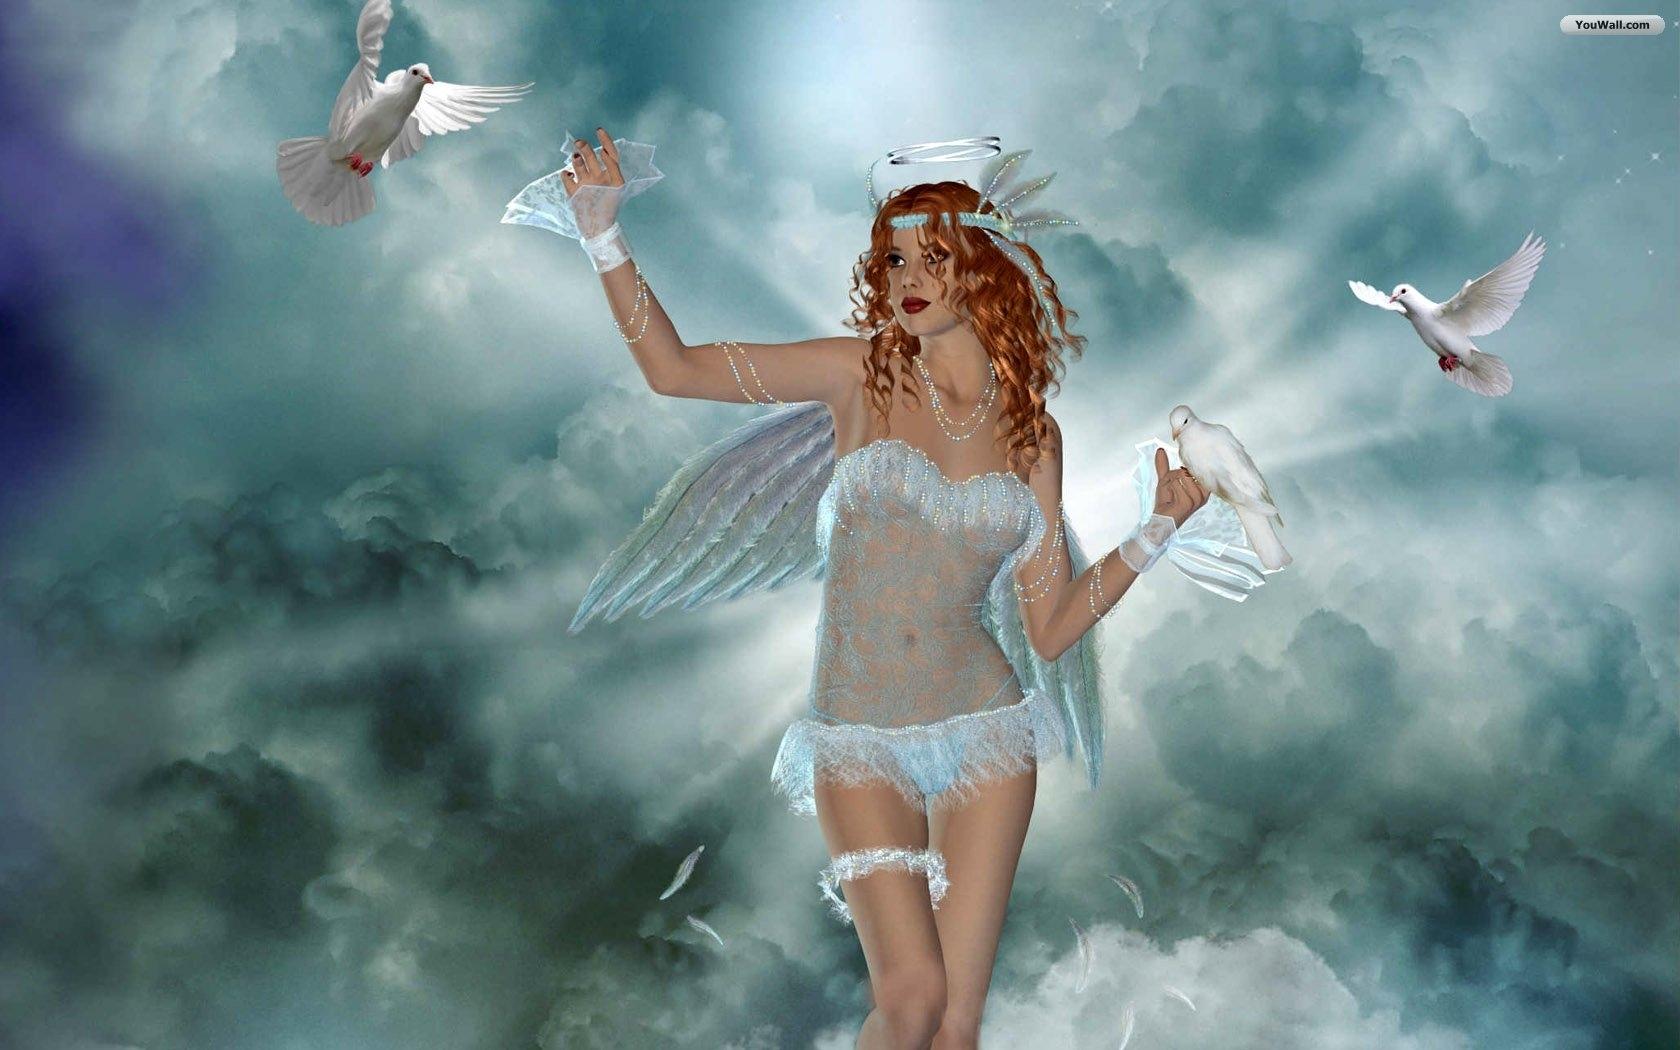 angel wallpaper hd free download (4) - wallpaper.wiki